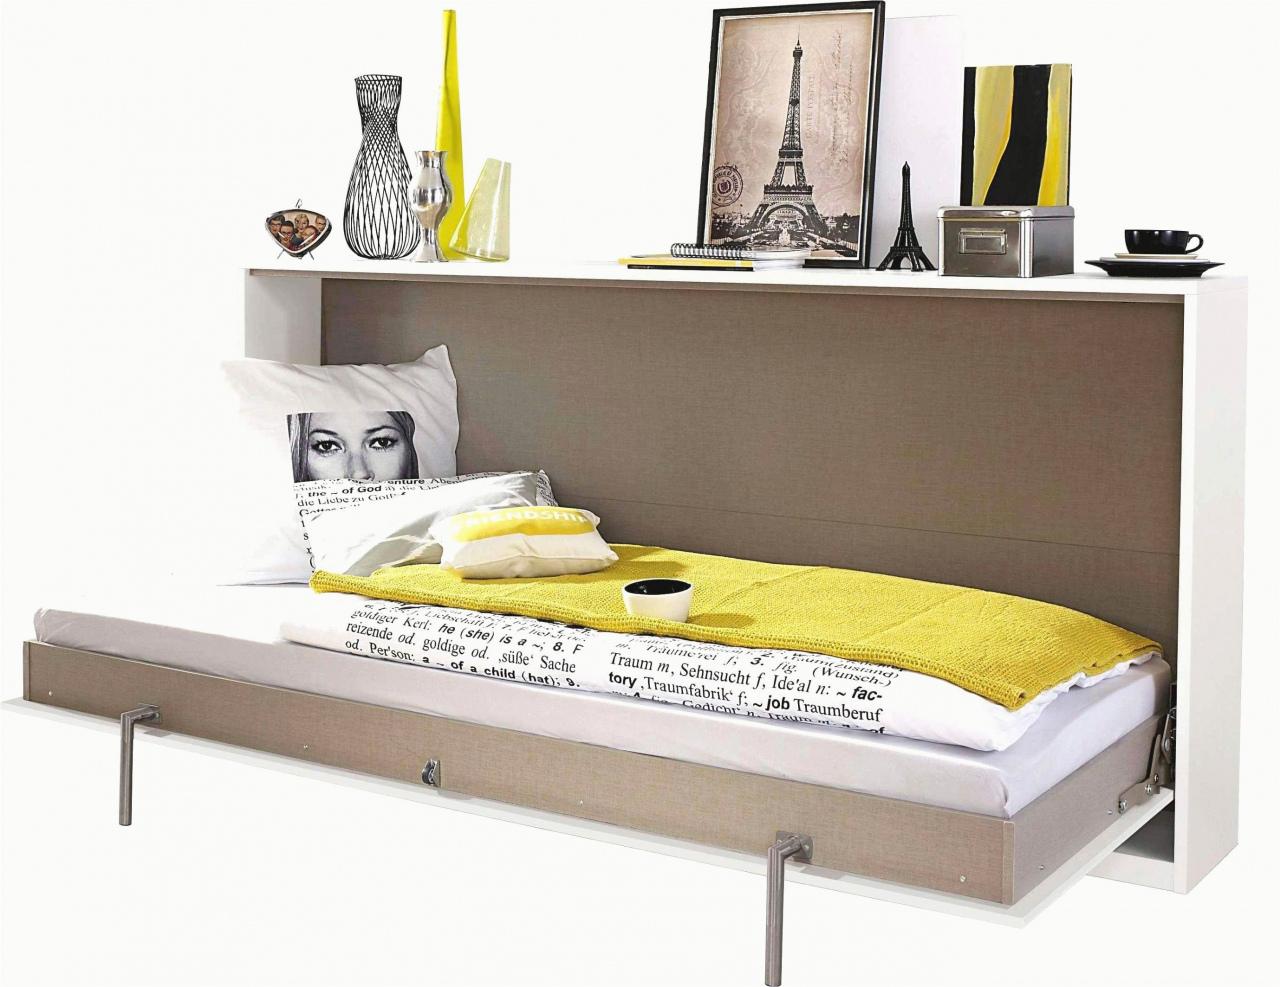 ikea hack platform bed diy platform bed with drawers ikea 38 neu kuche eiche weis kitchen durch ikea hack platform bed